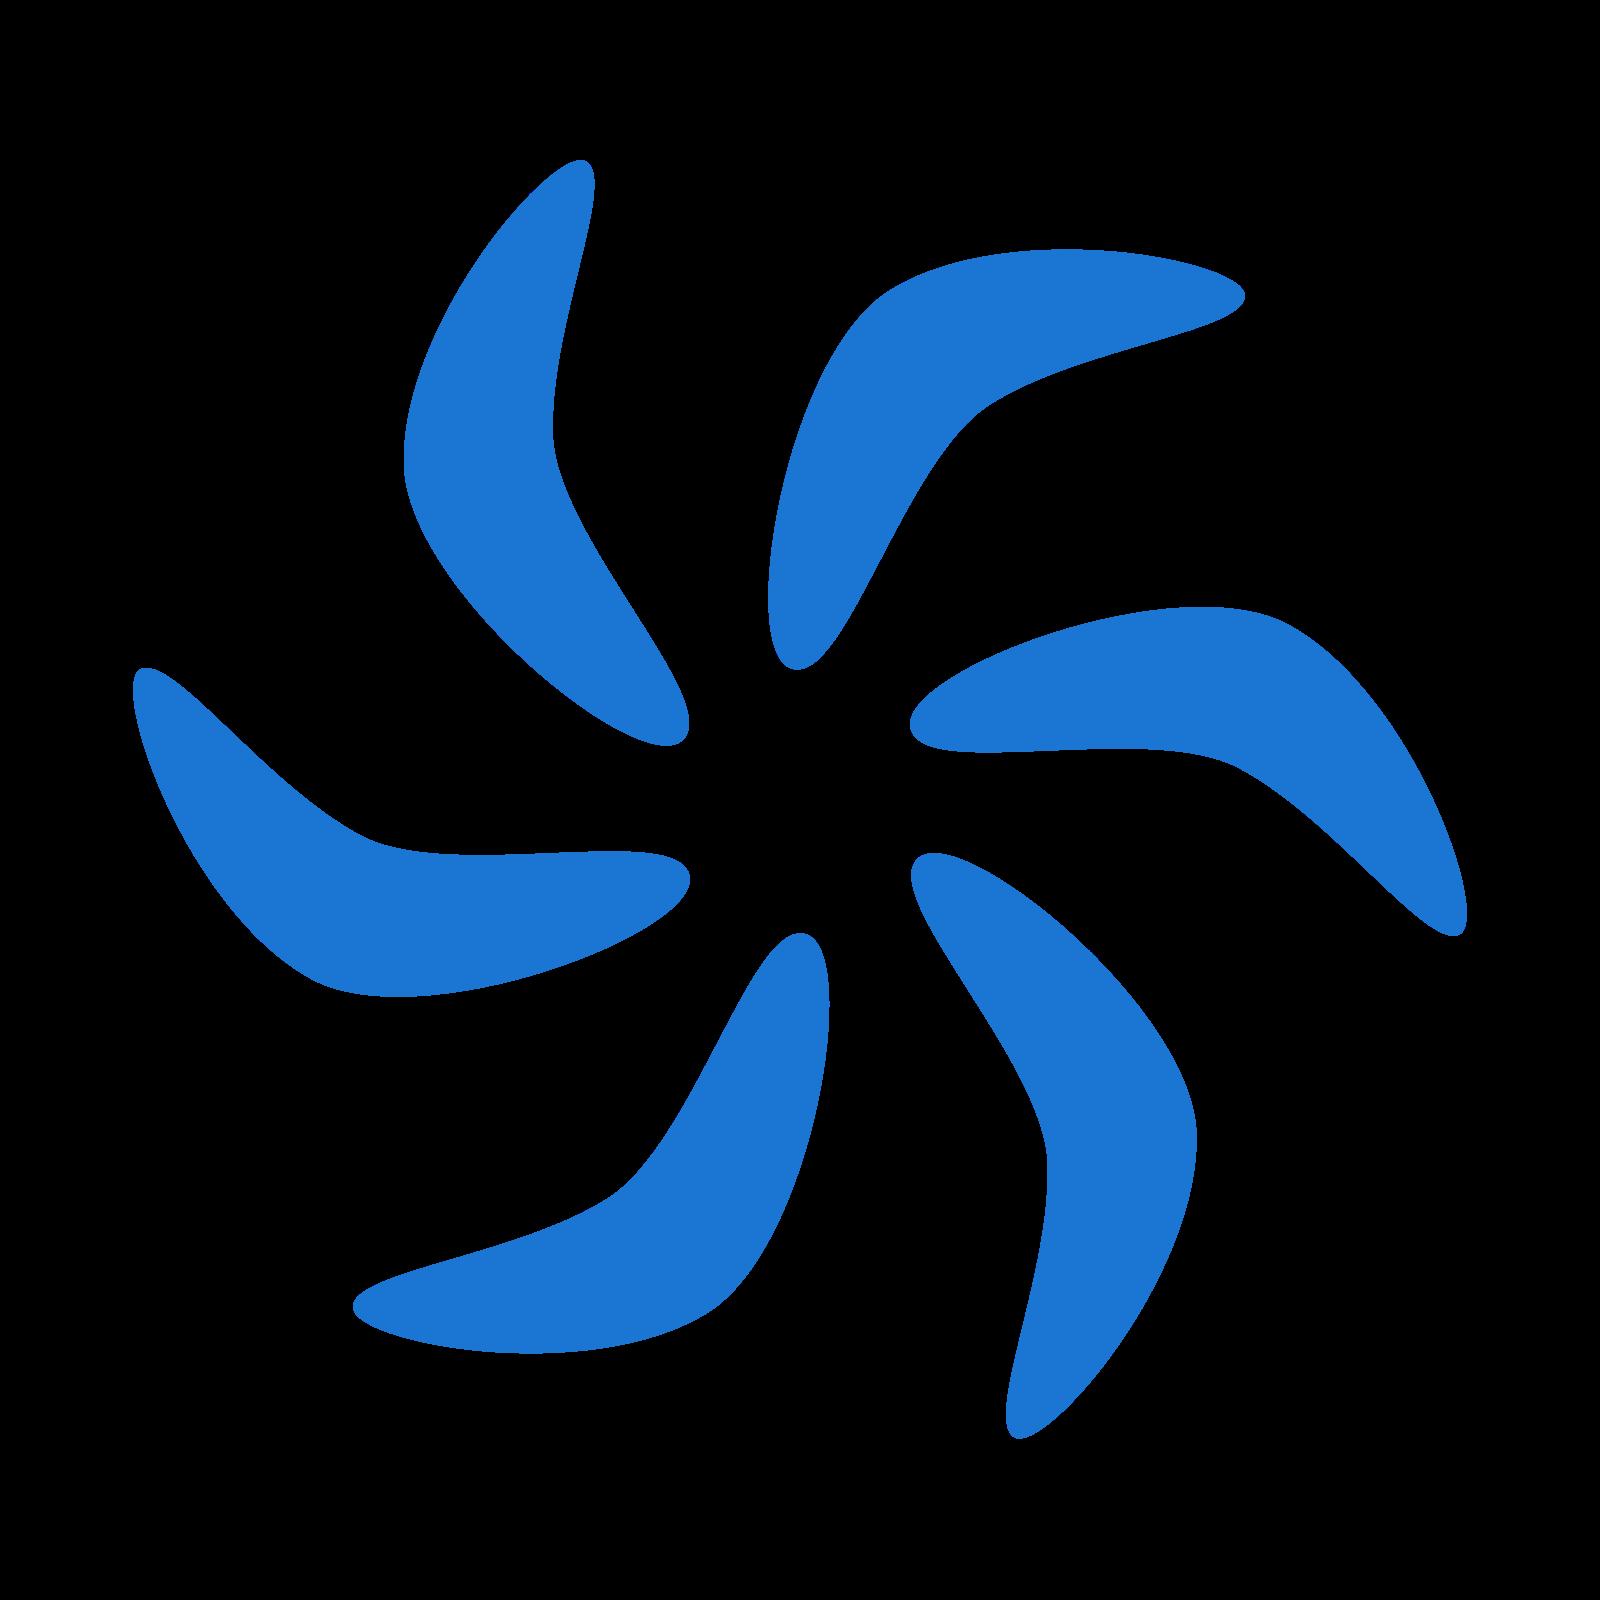 Godtier icon